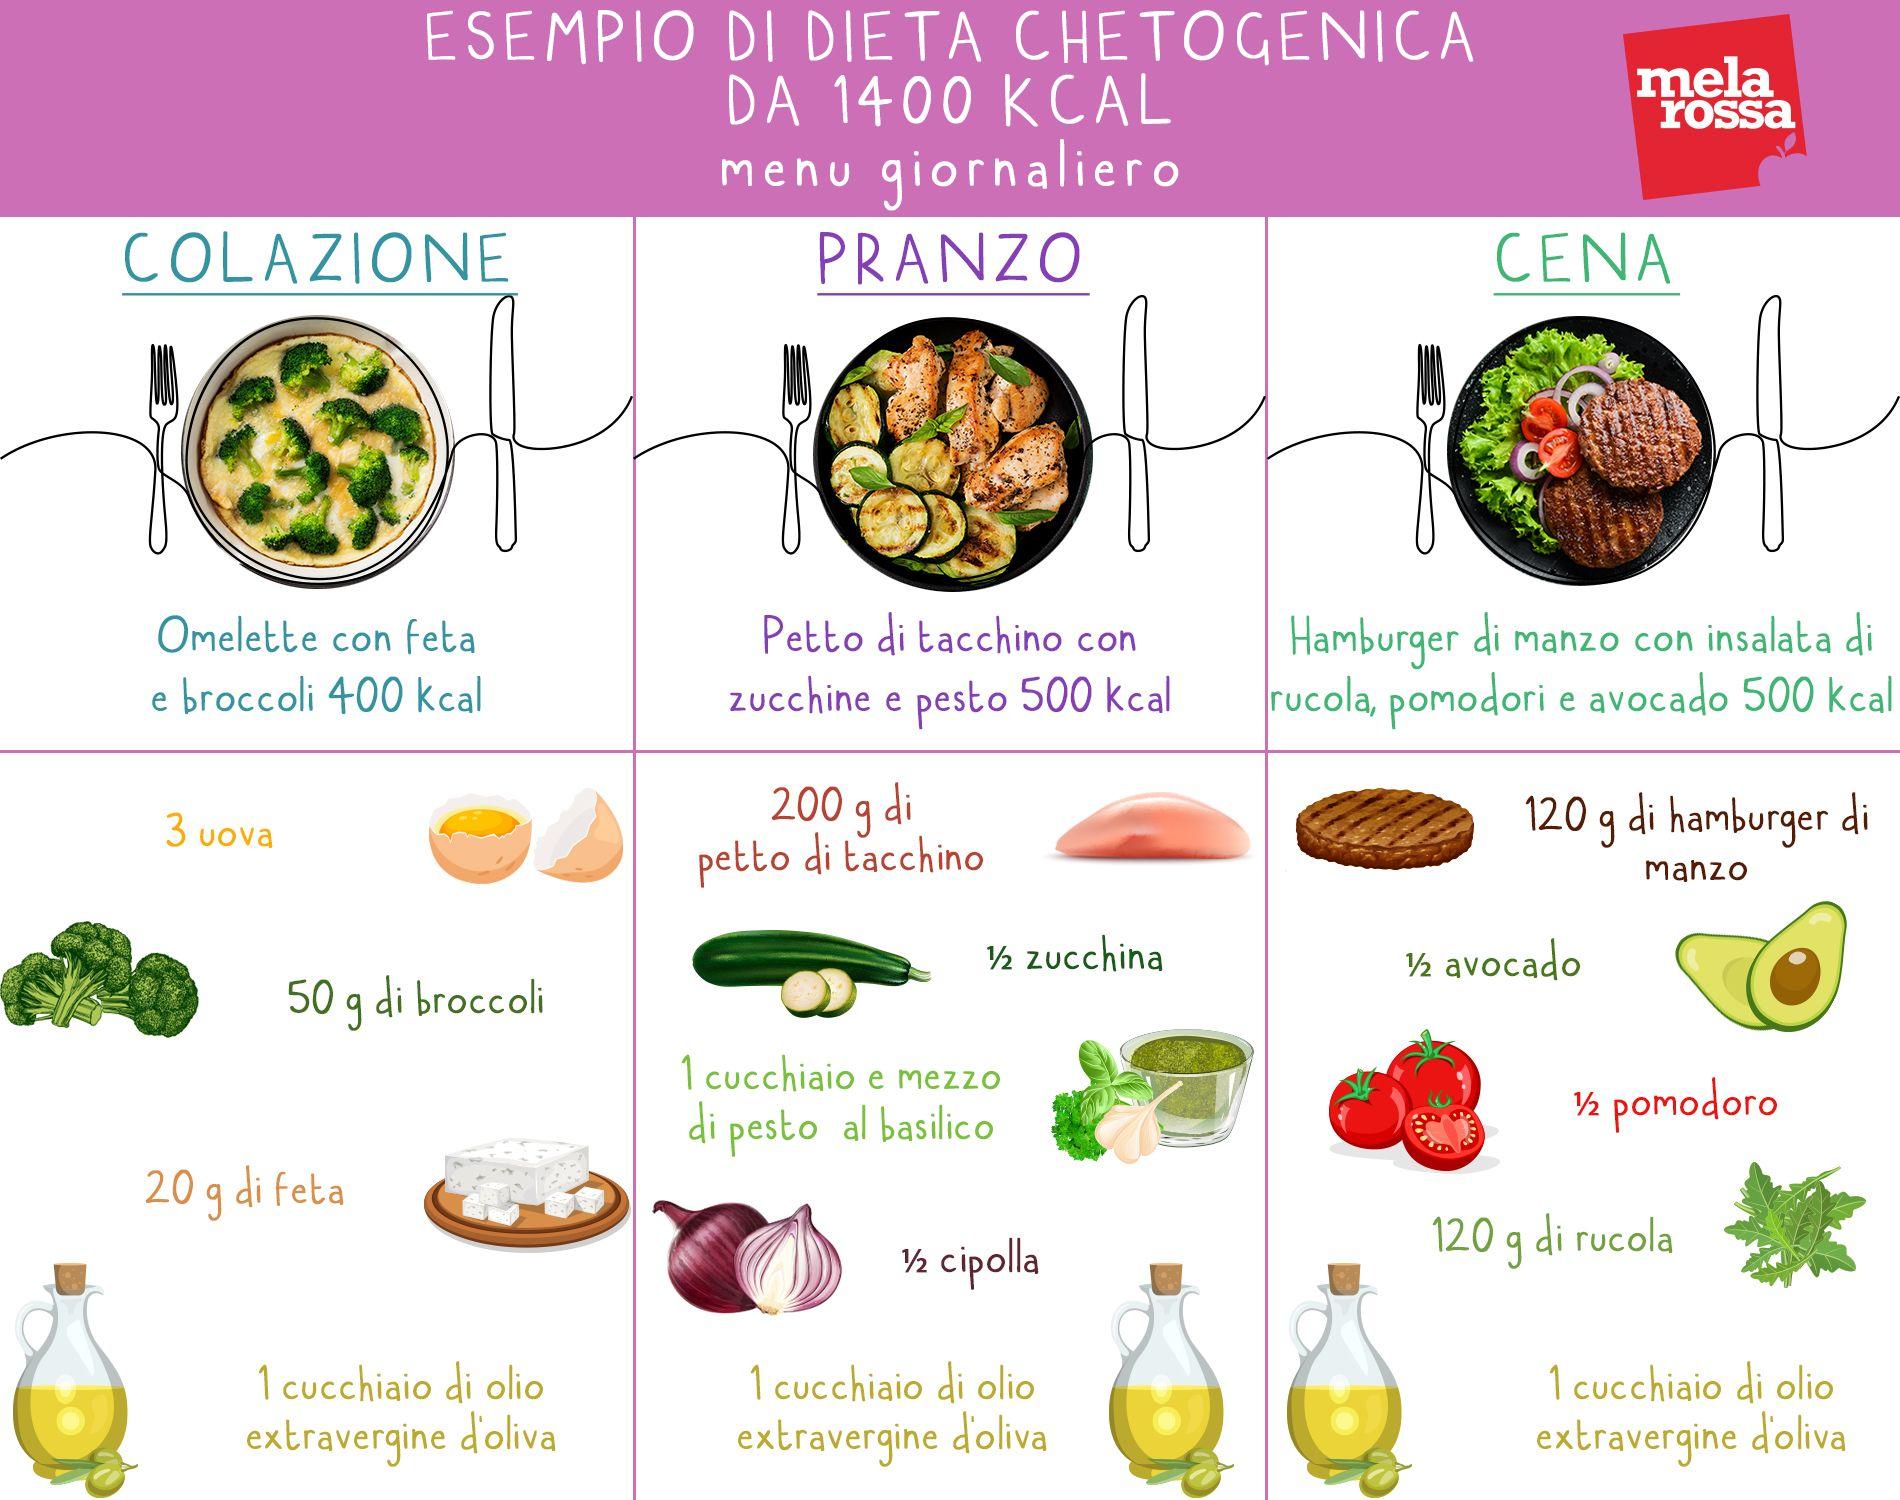 dieta low carb esempio menu)